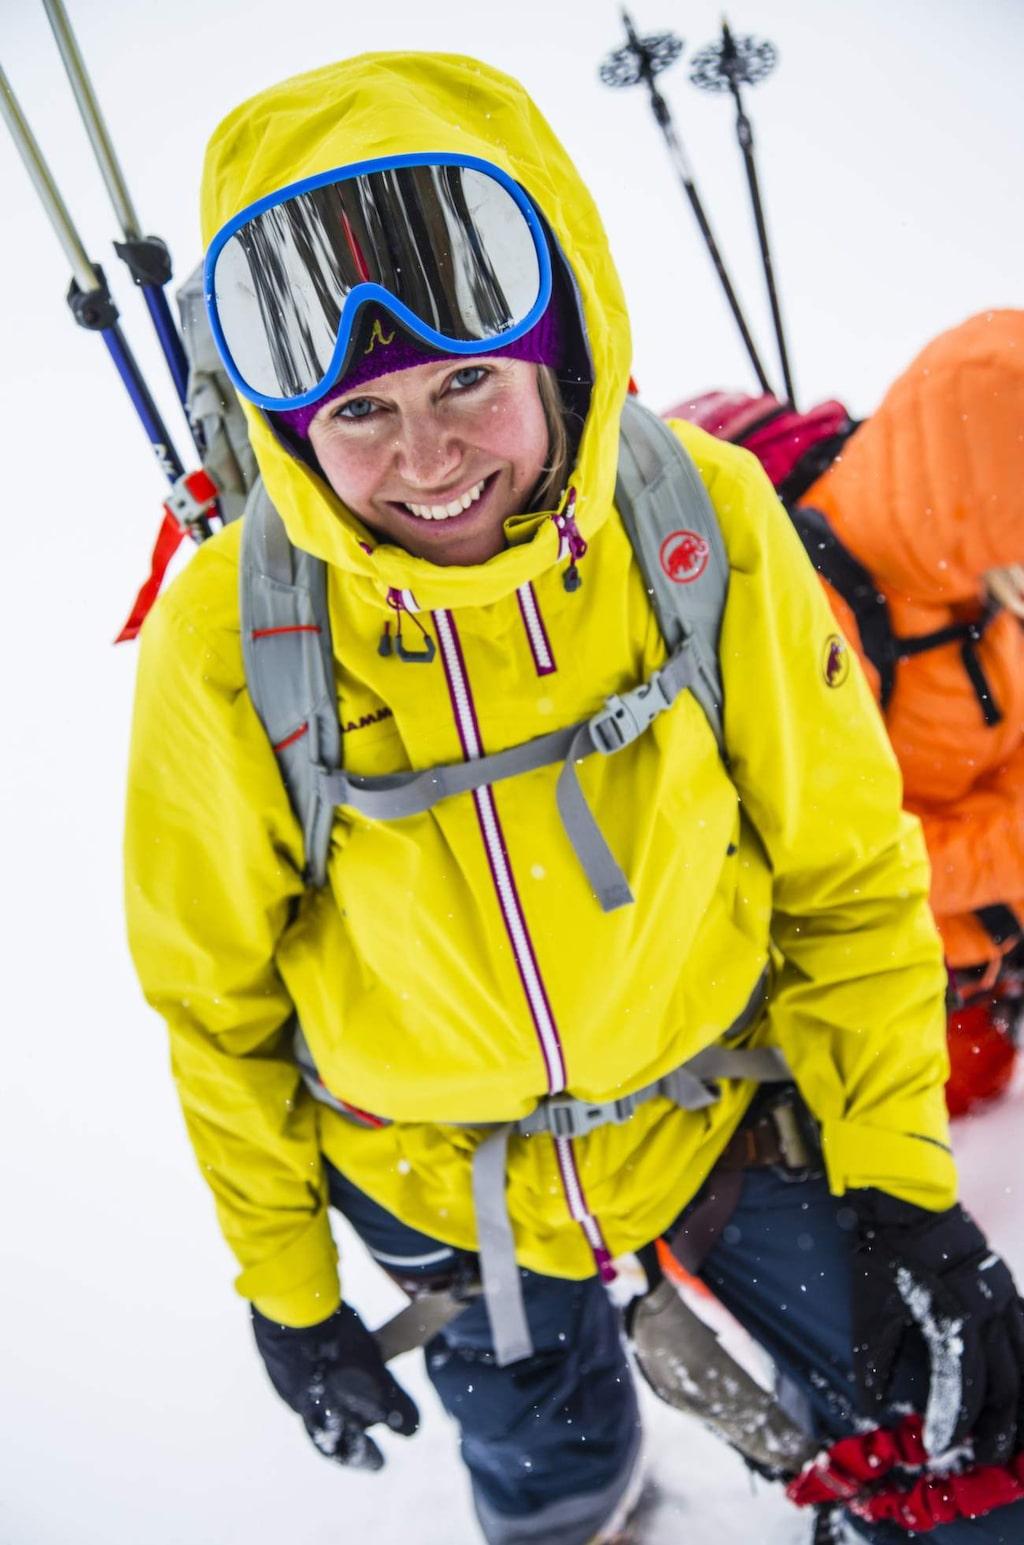 Michaela Fröstad Askergren bjuder på ett brett leende trots att vädret sätter käppar i hjulet.